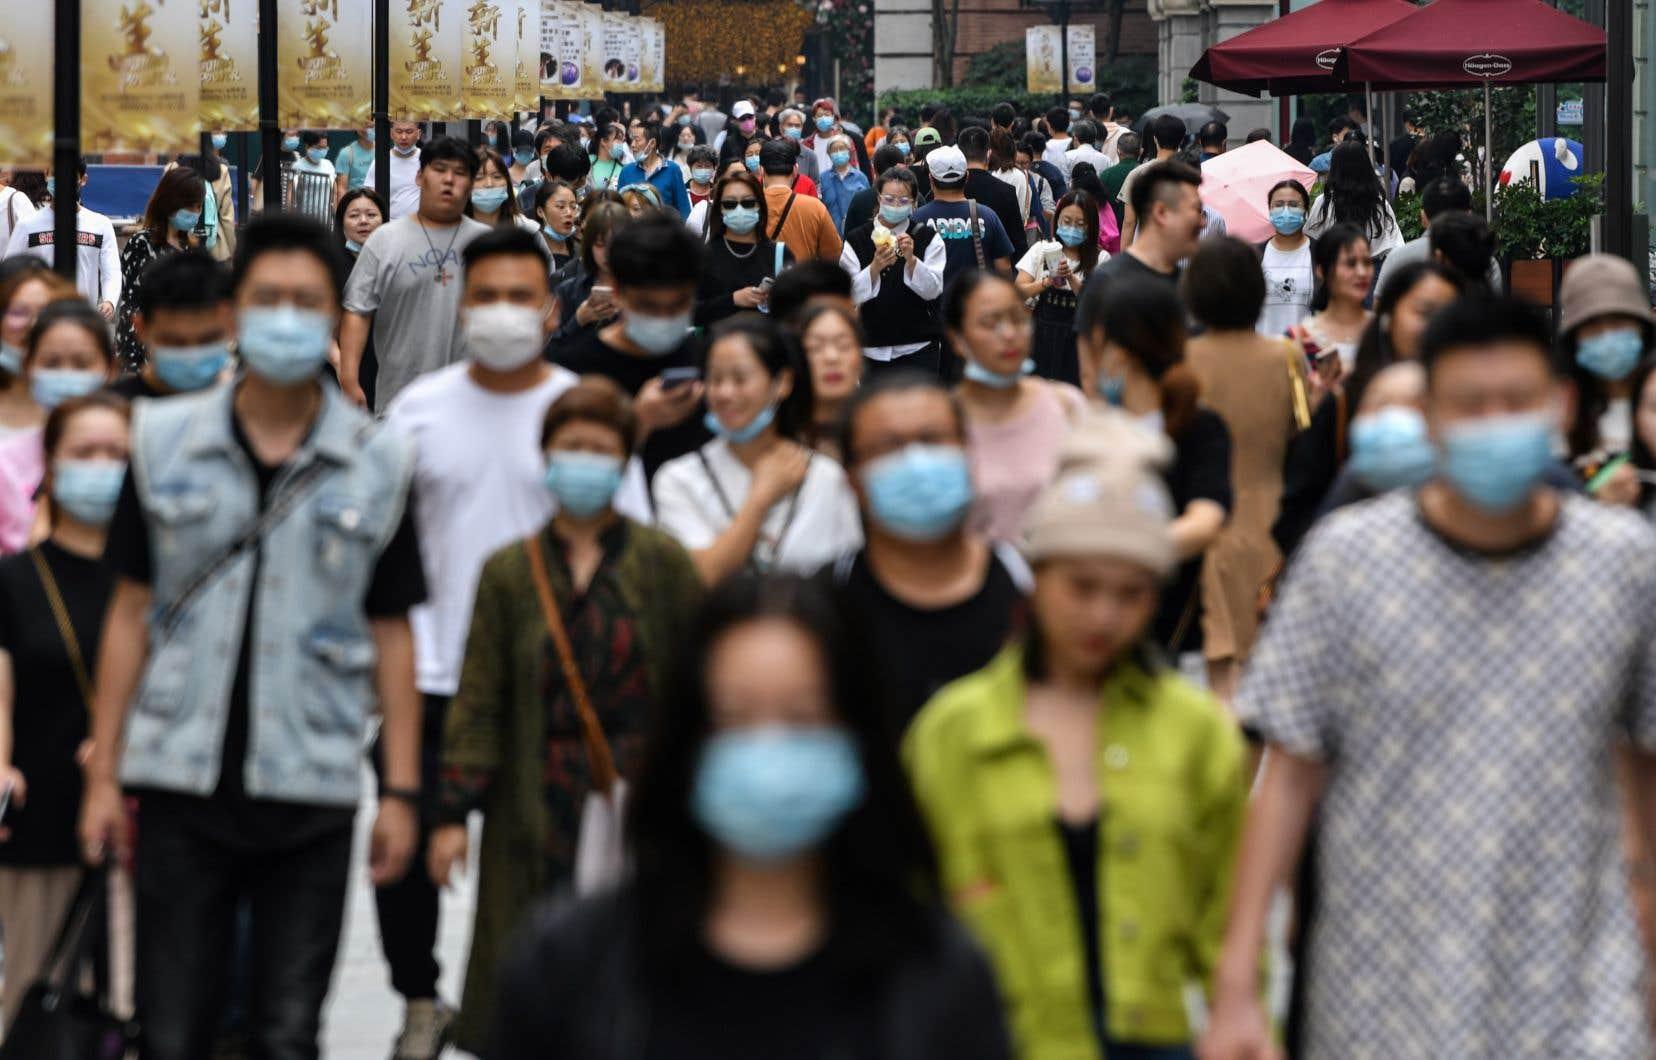 La ville de Wuhan, berceau de la pandémie, est de très loin la ville la plus touchée de Chine par le virus, qui a fait 4634 morts dans tout le pays selon le bilan officiel.